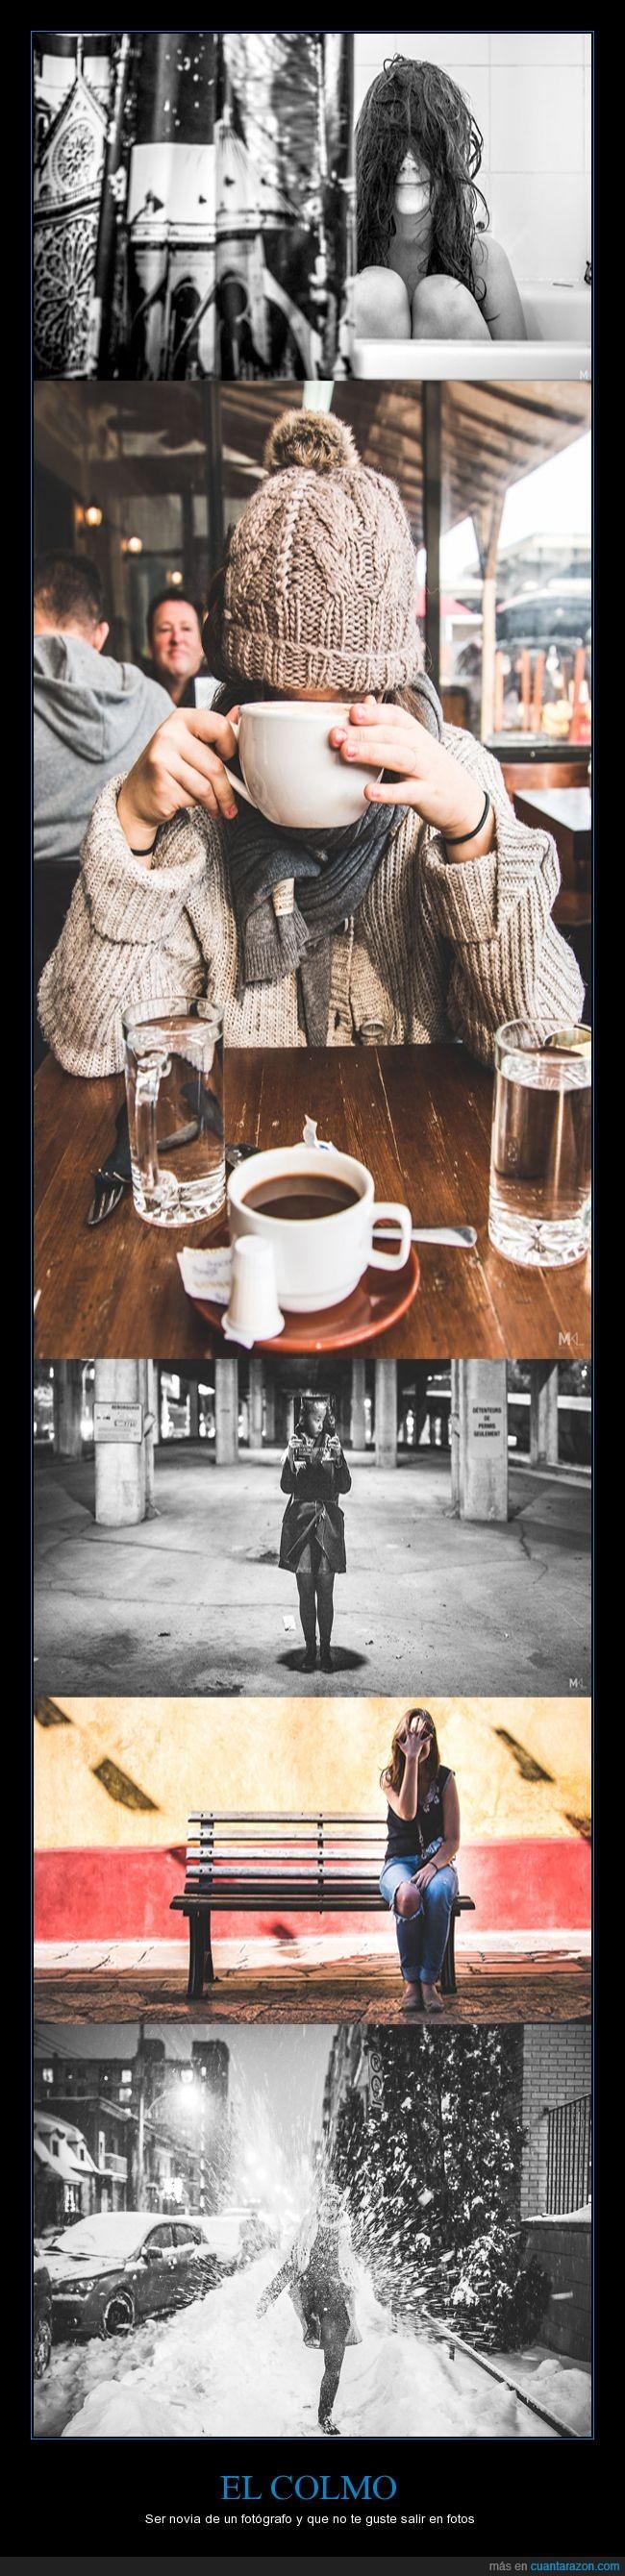 colmo,evitar,foto,fotografía,fotografo,Mikael Theimer,novia,salir